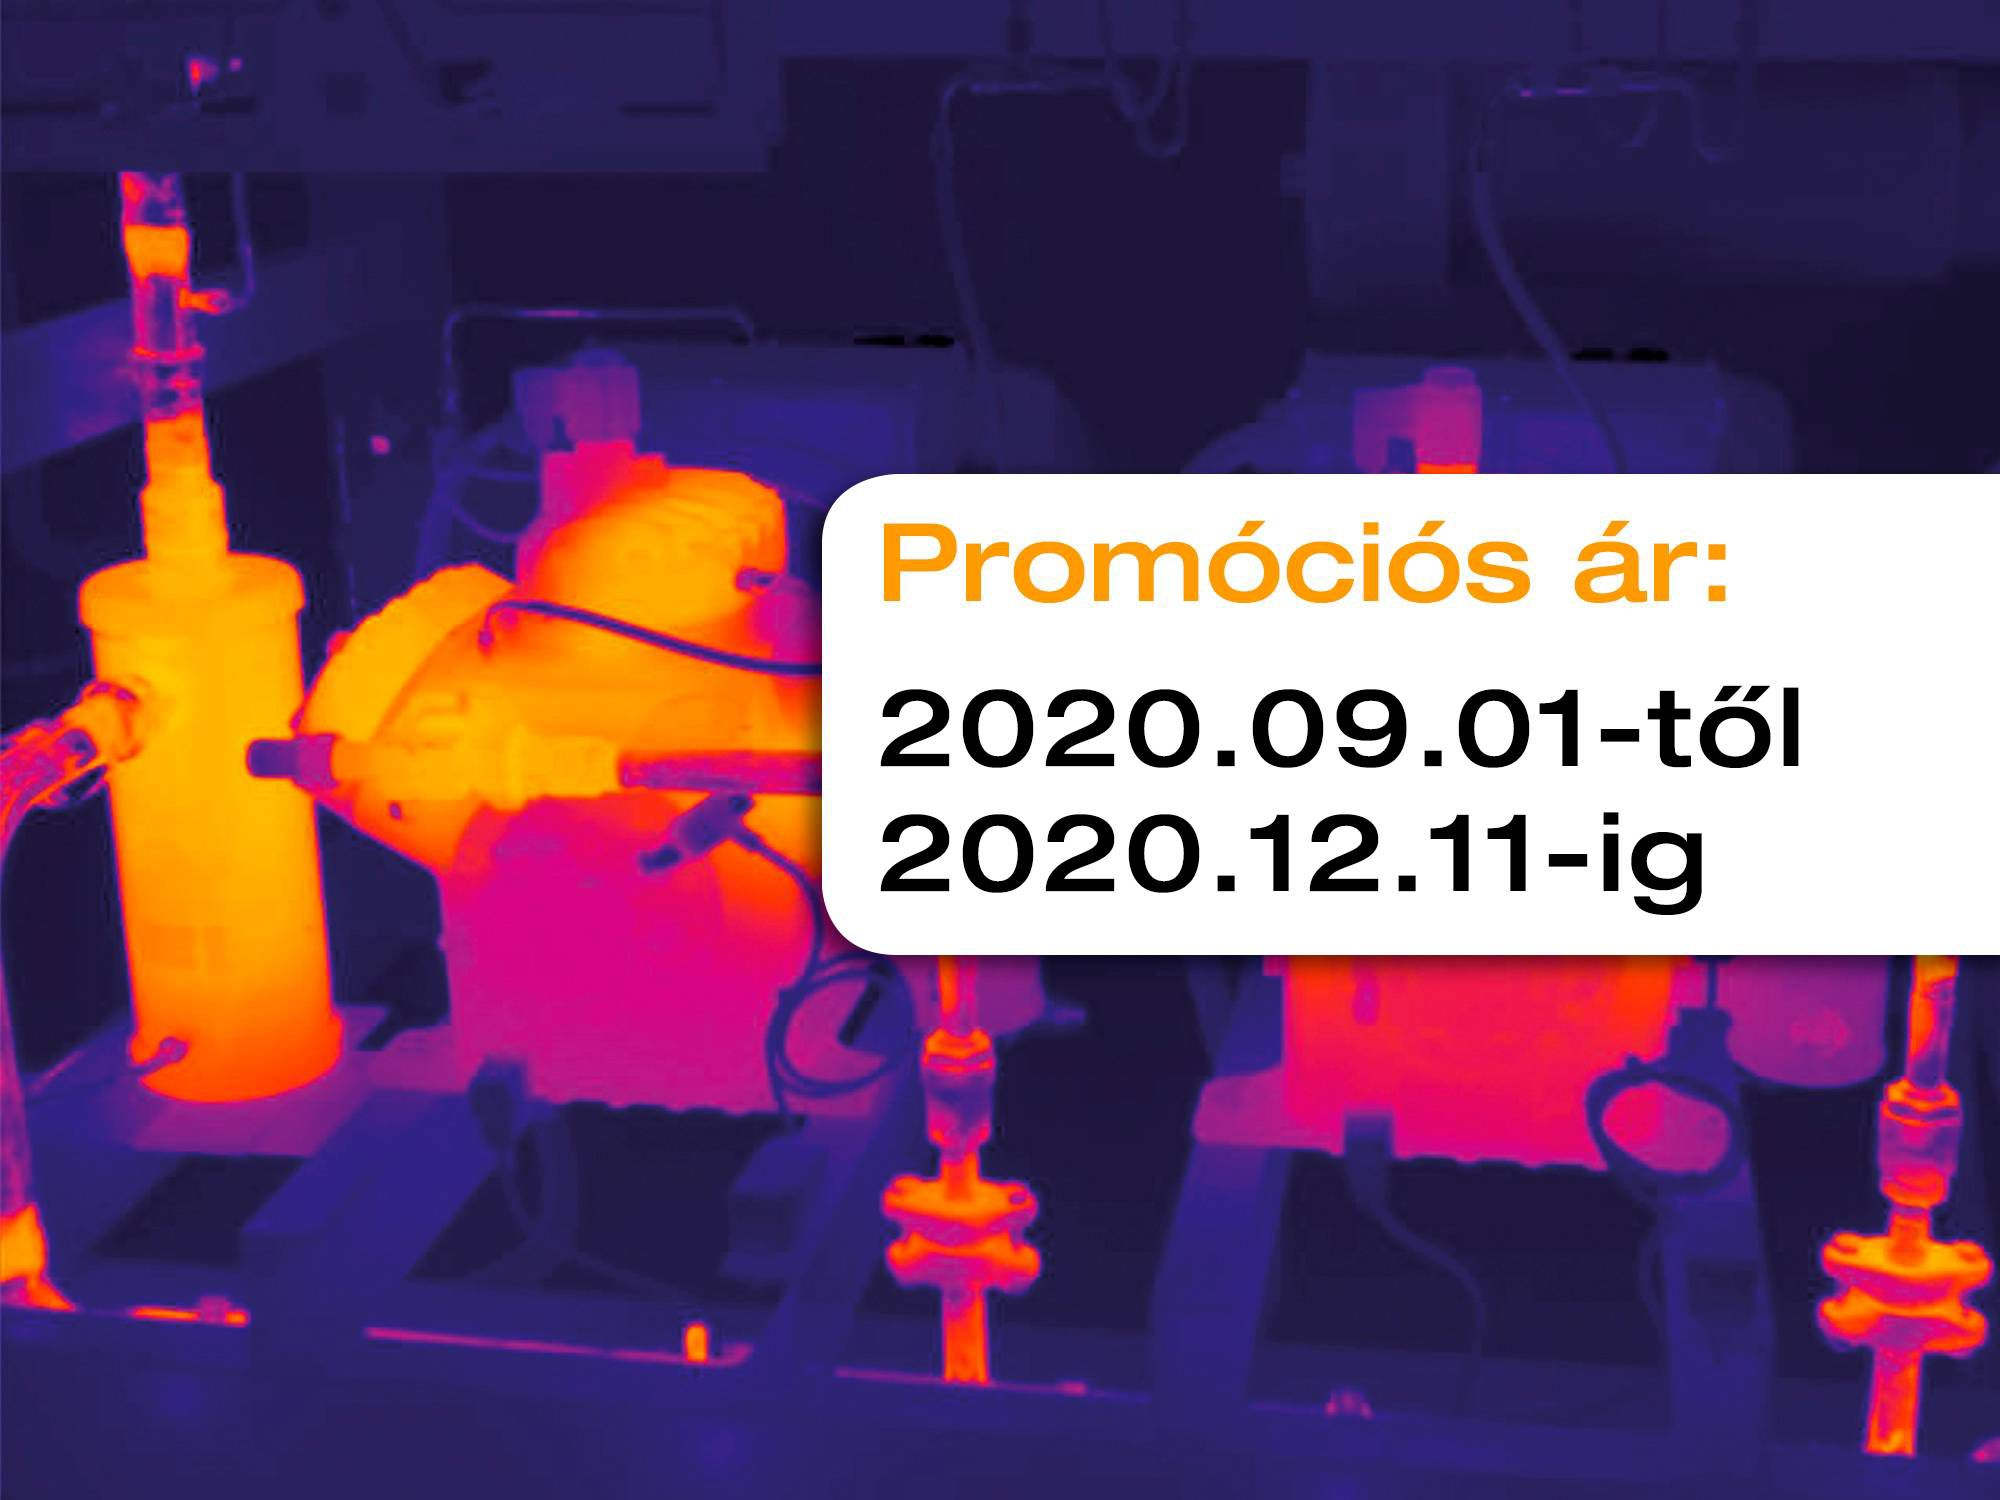 testo 868: okos hőkamera applikációval